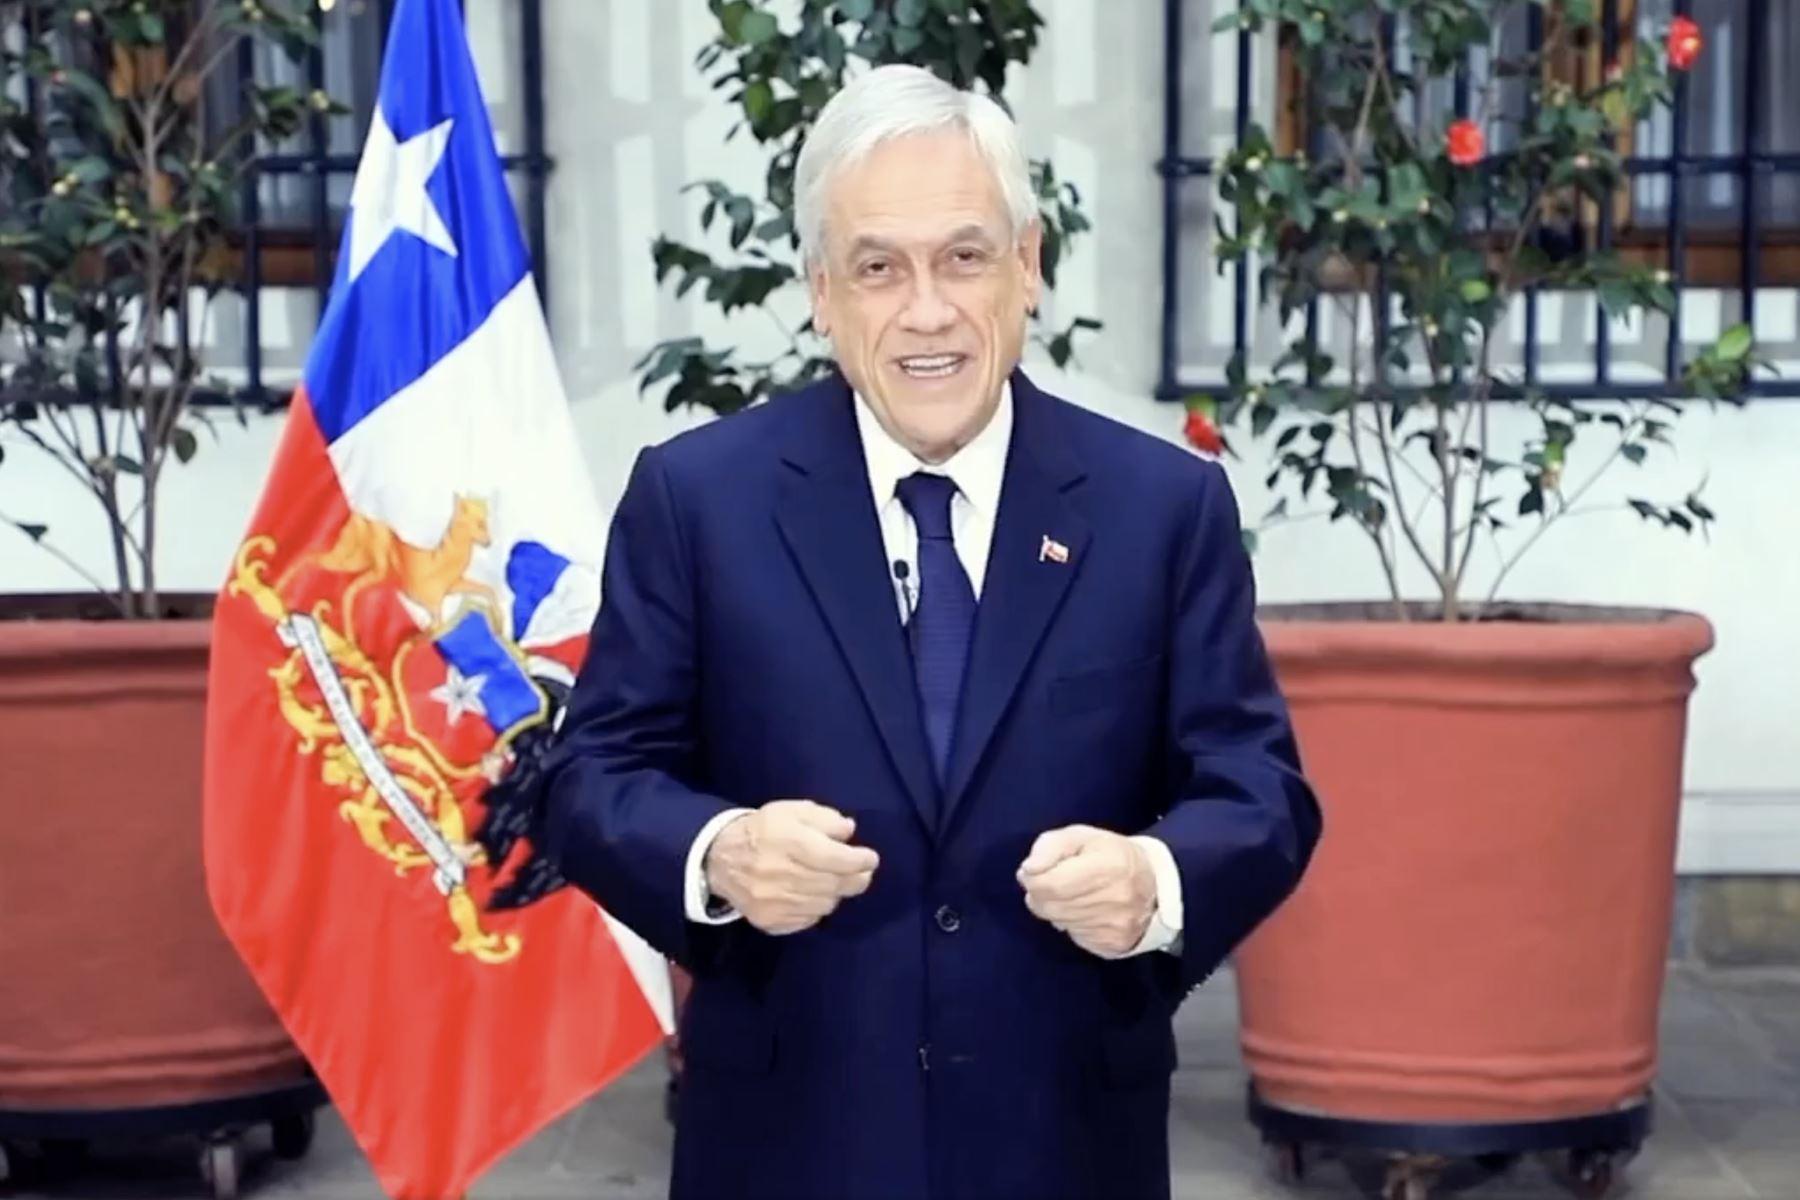 presidente-de-chile-y-su-esposa-en-cuarentena-preventiva-por-covid-19